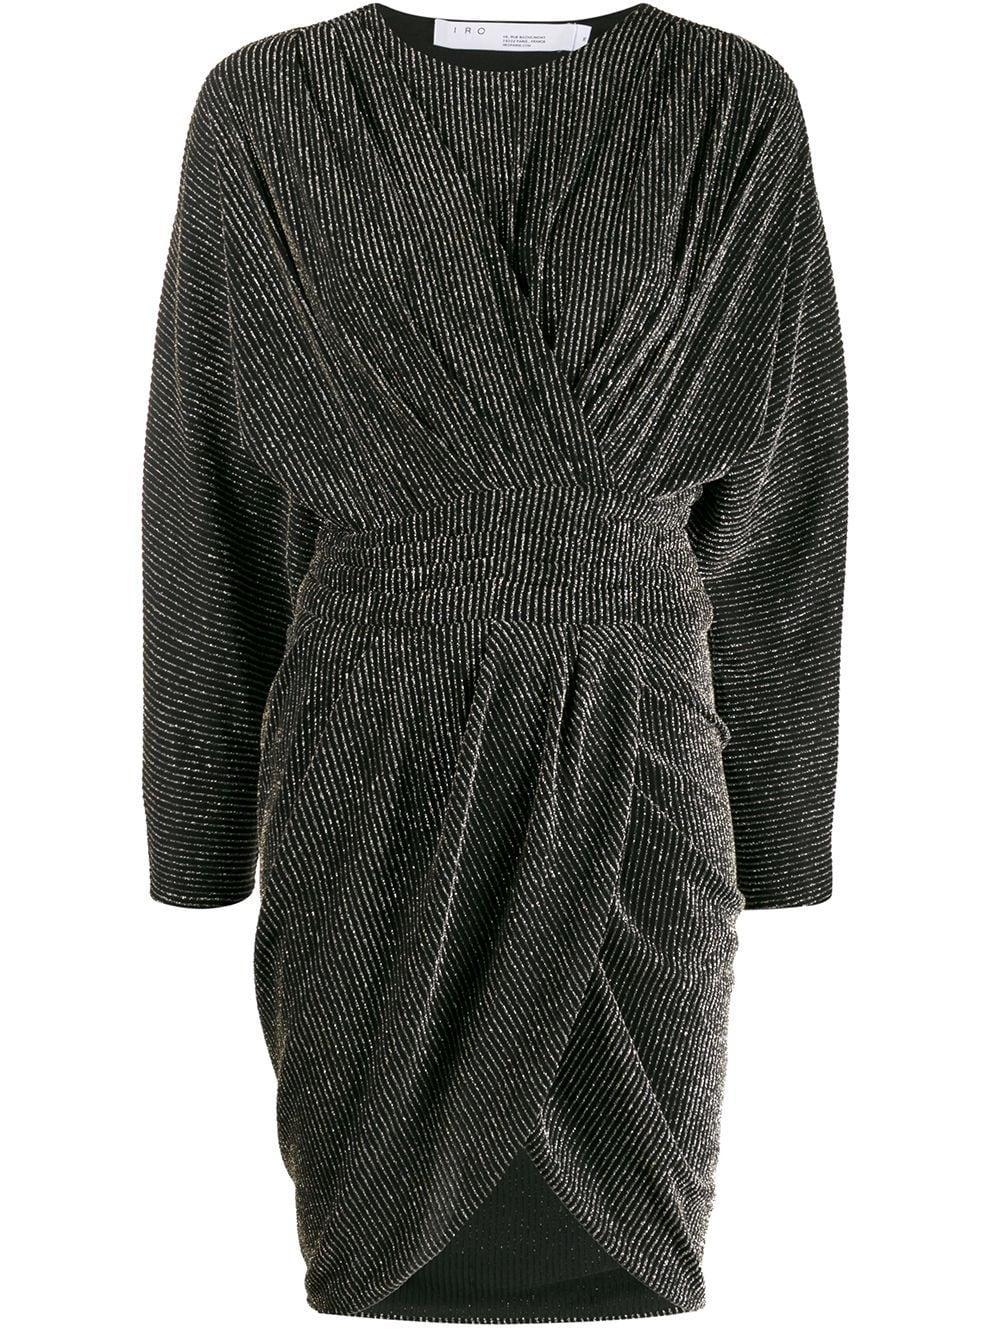 Magnus Long Sleeve Lurex Dress Item # 20SWP33MAGNUS-C